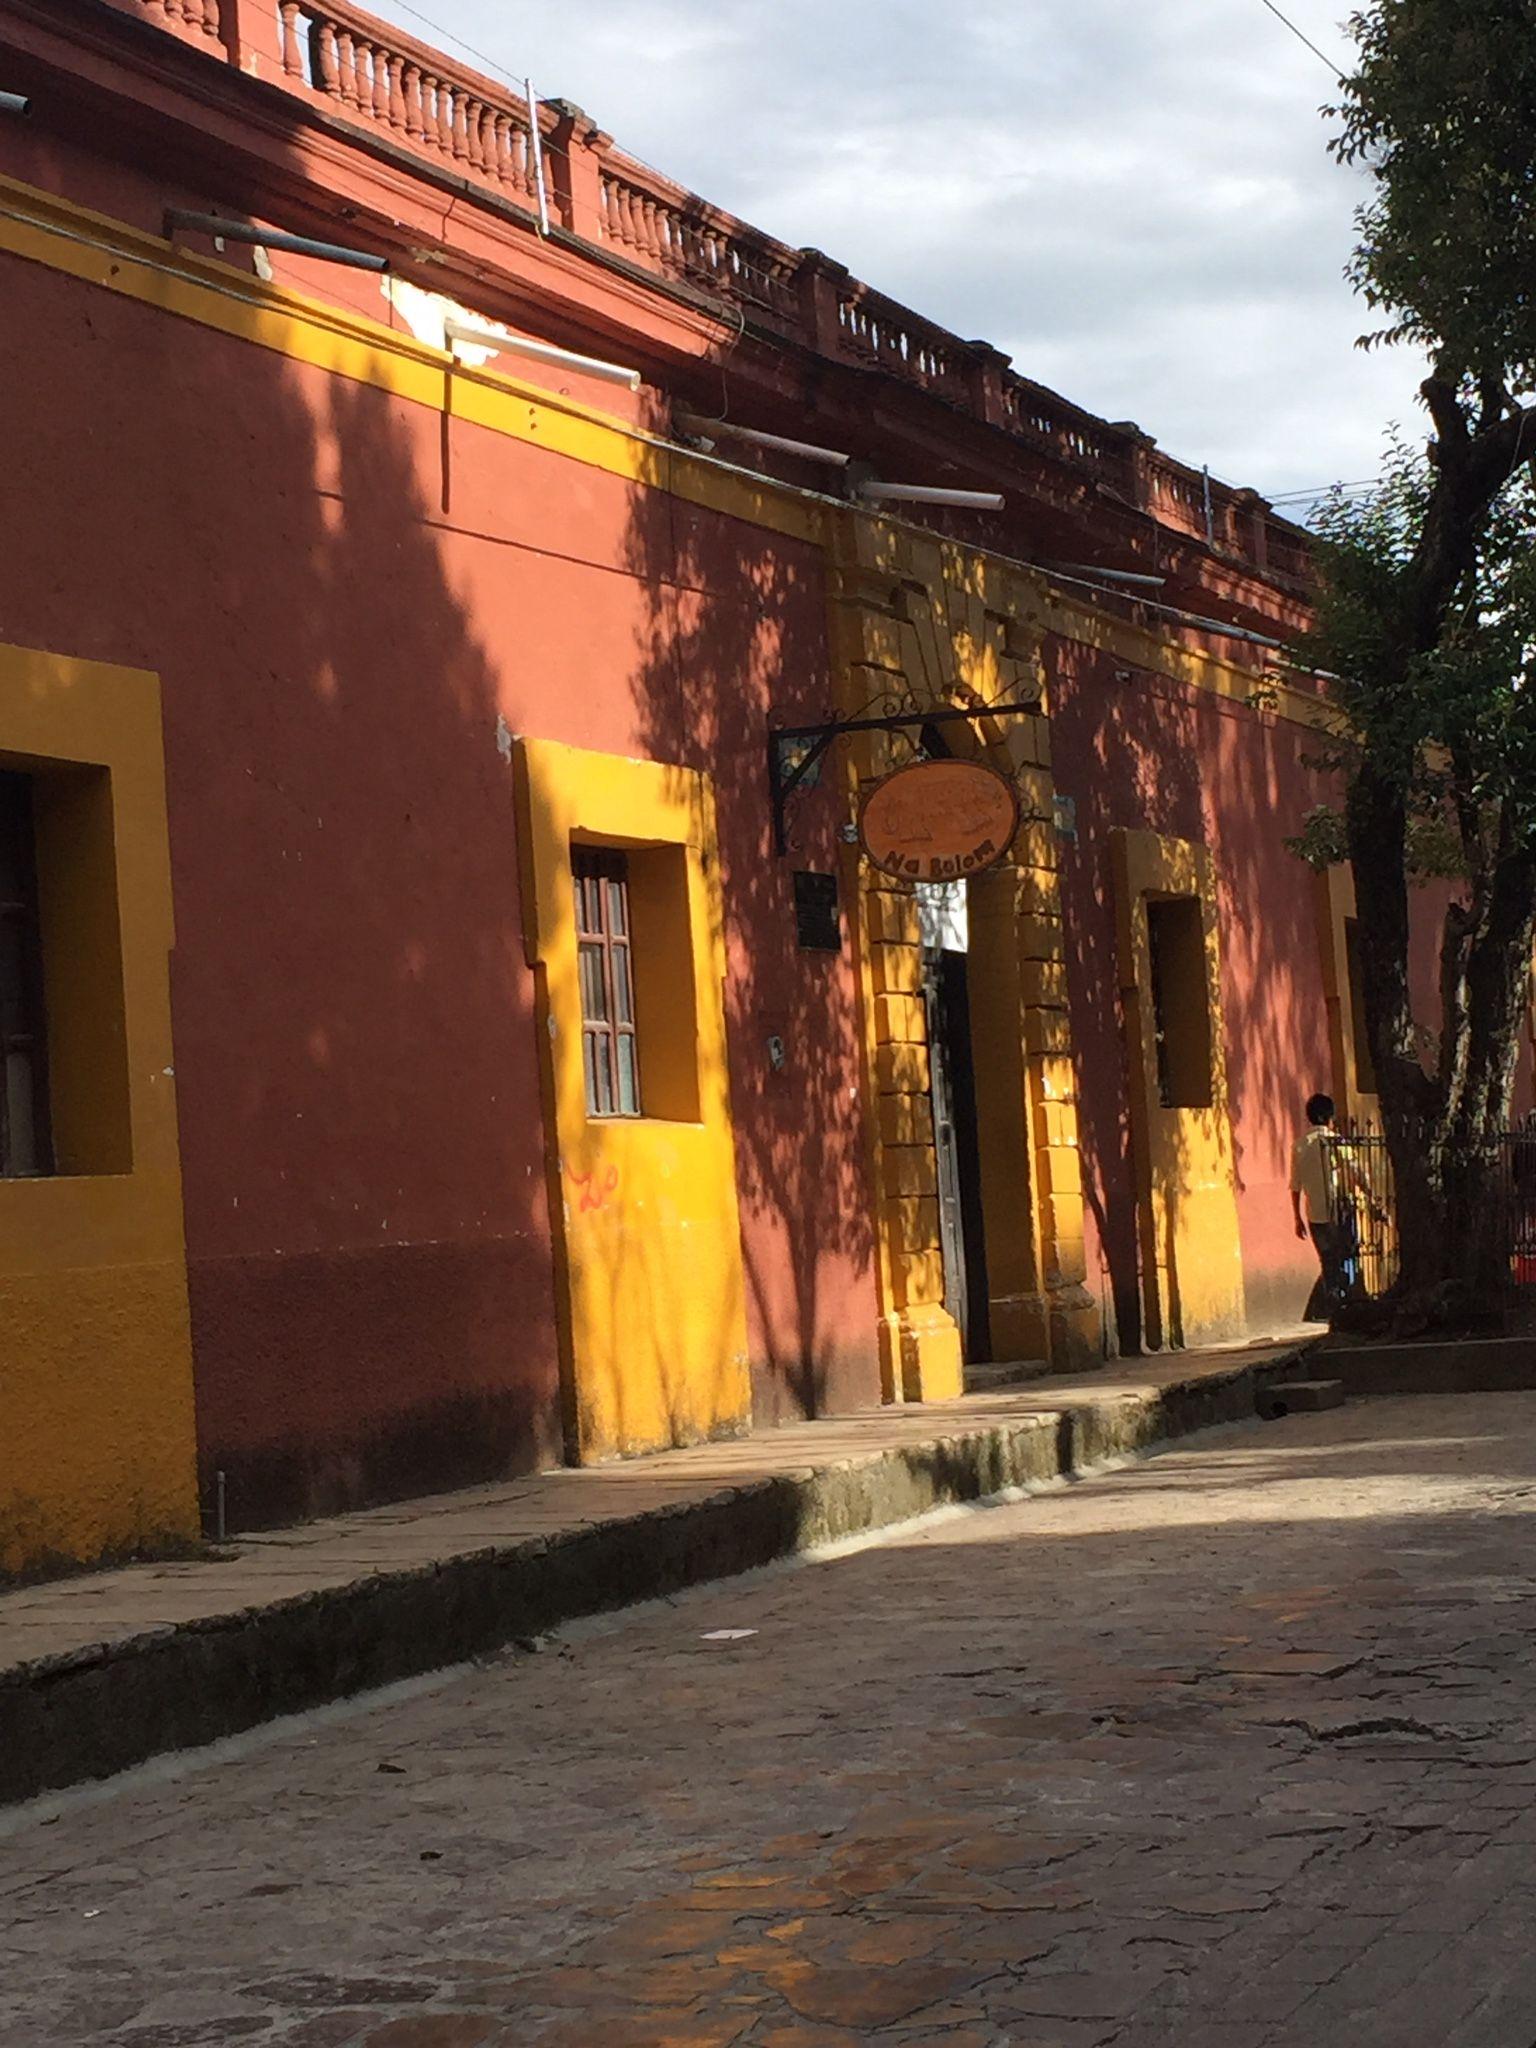 #chiapas #mexico #casa nabolom #sancristobal #museum #archeology